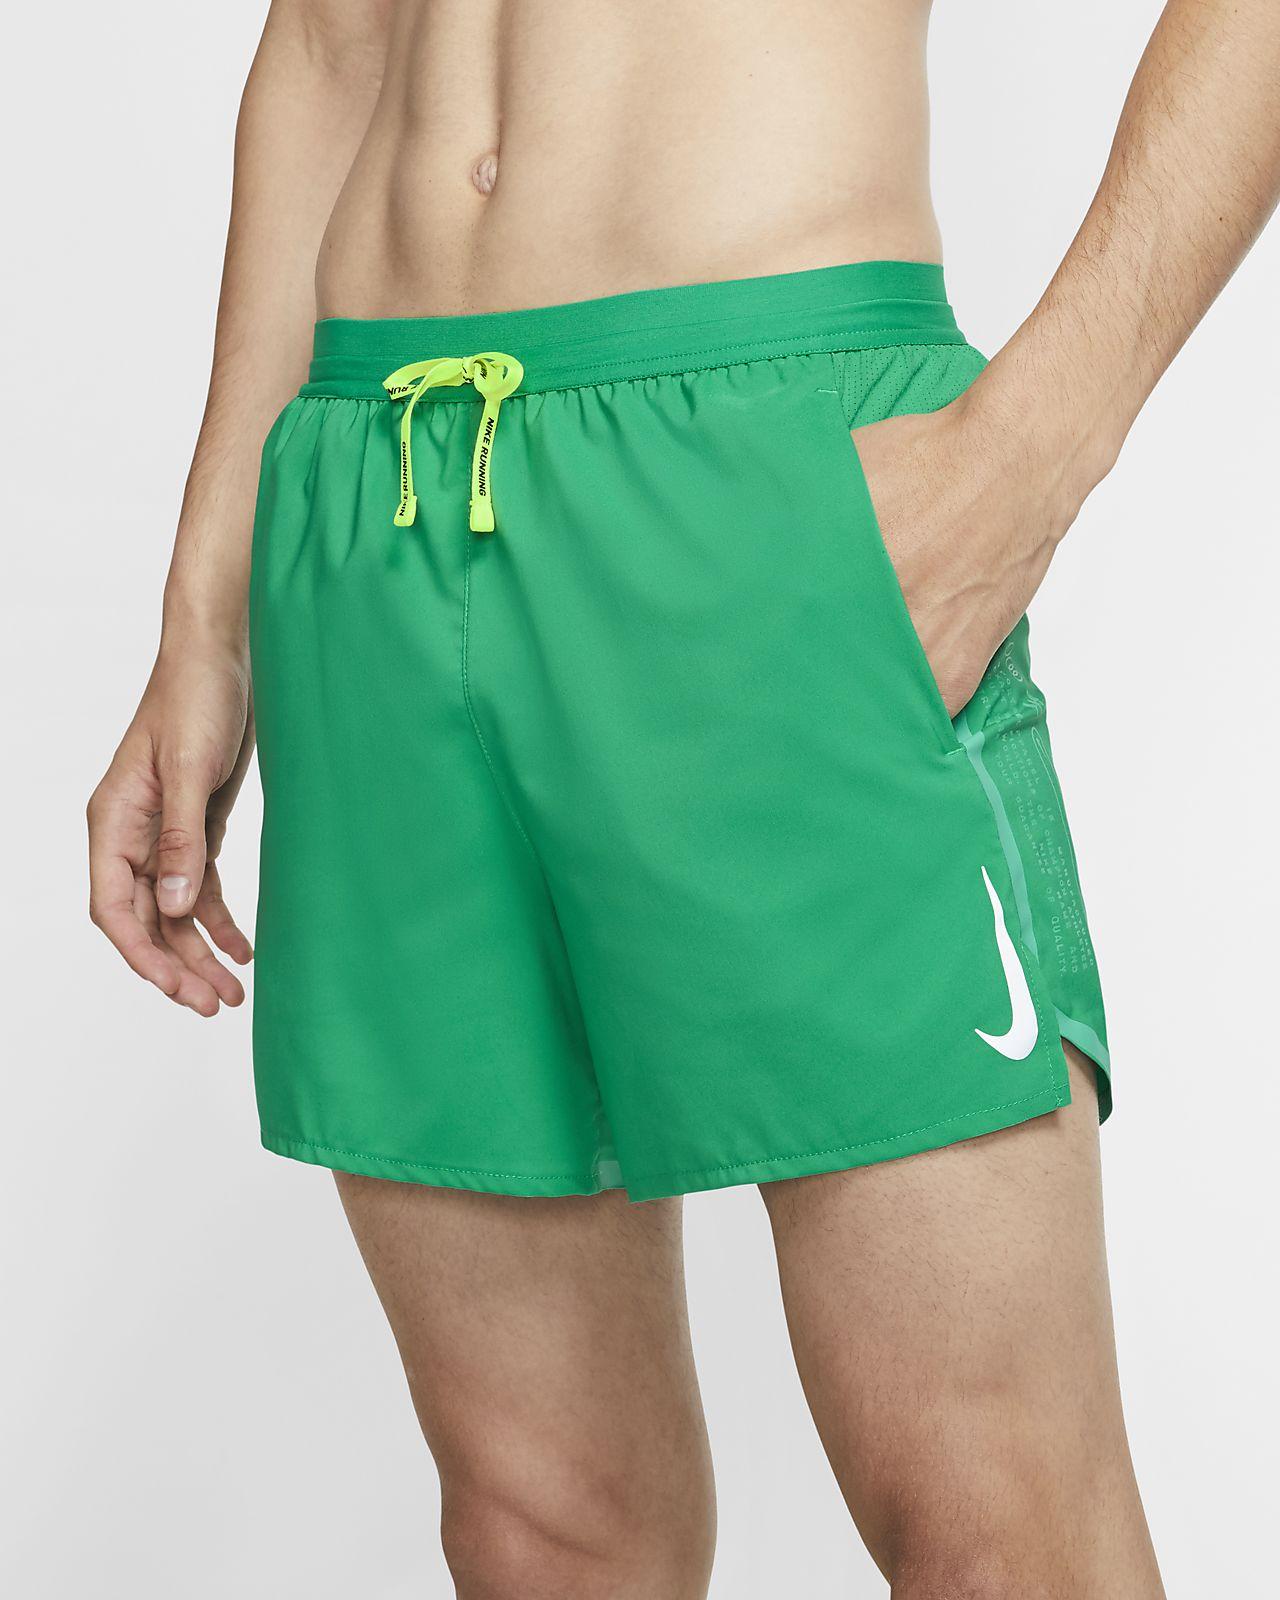 Nike Air Flex Stride Pantalón corto de running de 12,5 cm con forro - Hombre